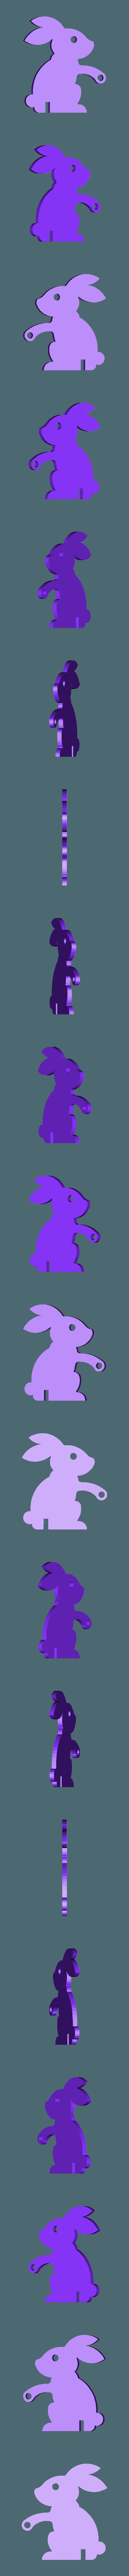 Easter_bunny.stl Télécharger fichier STL gratuit Lapin de Pâques avec une charrette à bras • Design pour impression 3D, TanyaAkinora